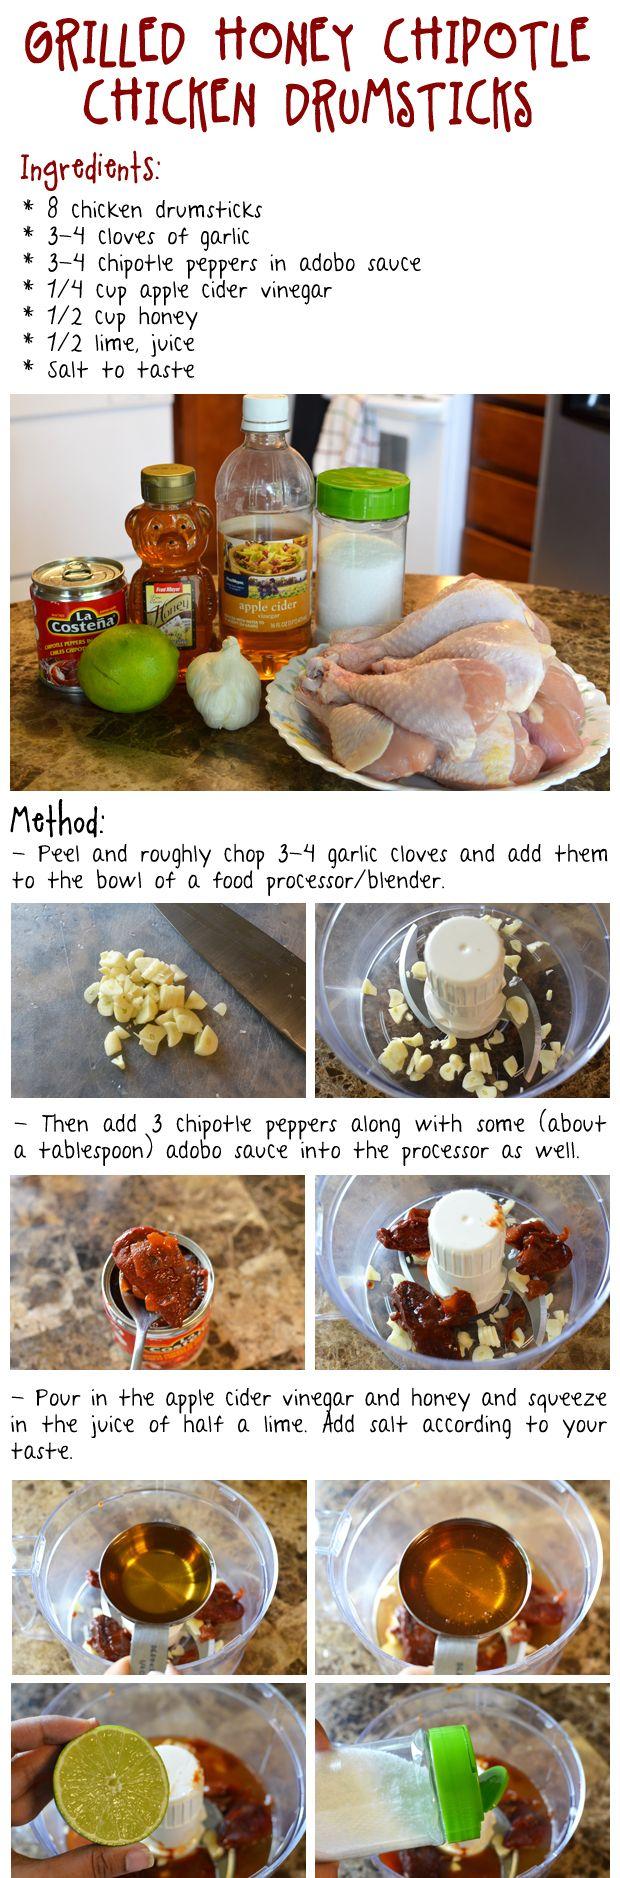 Grilled Honey Chipotle Chicken Drumsticks